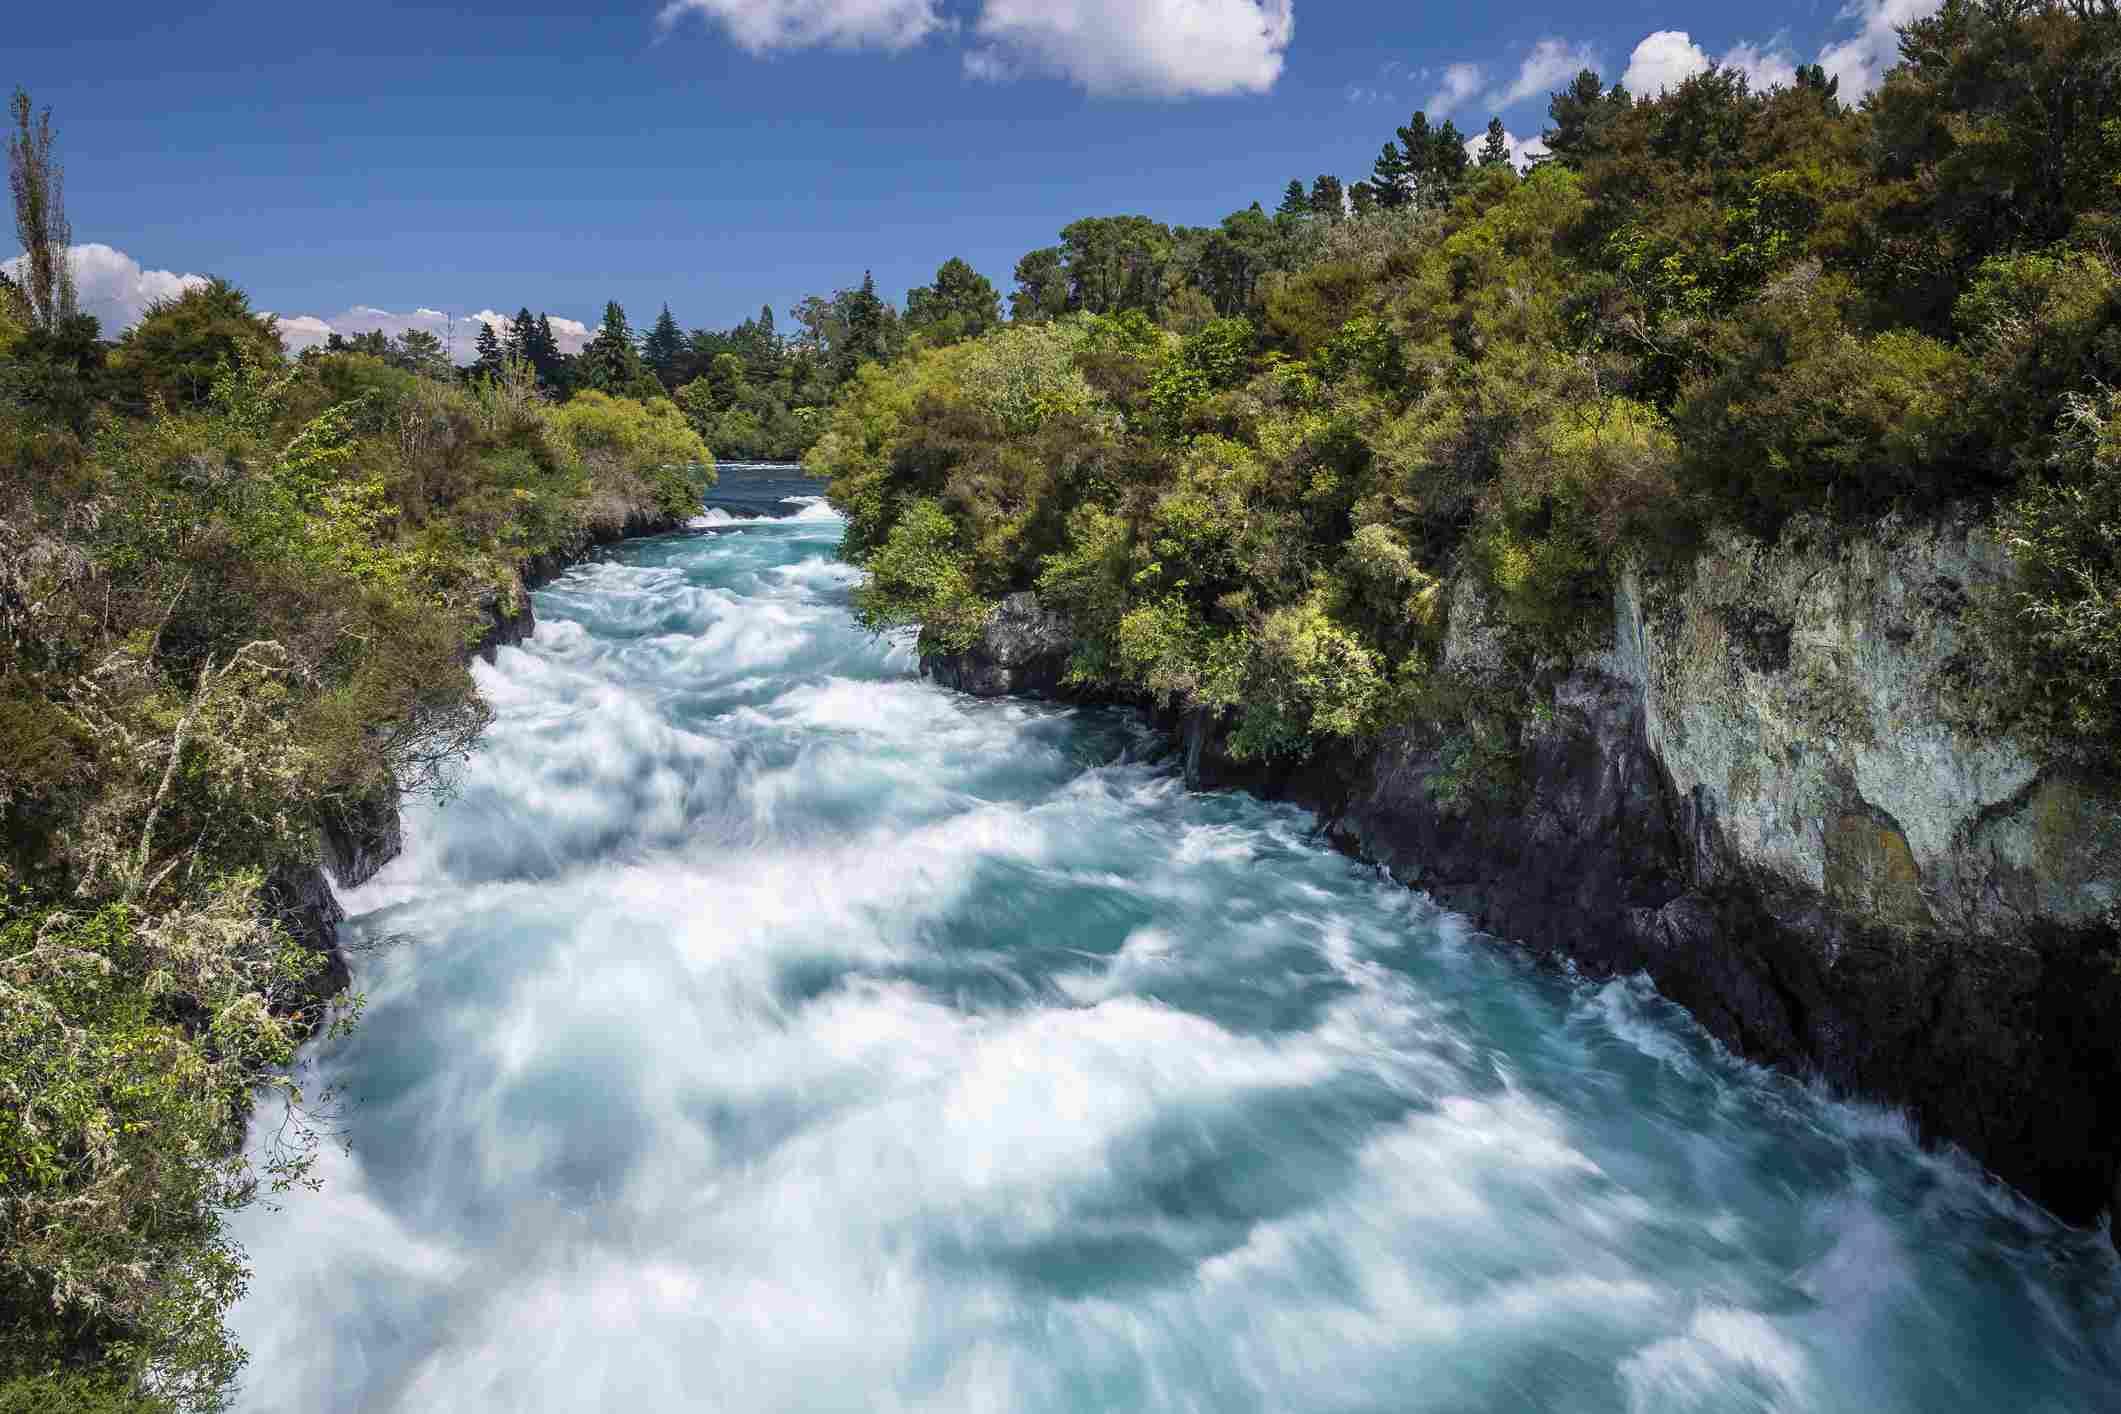 Huka Falls en el río Waikato, Isla Norte, Nueva Zelanda